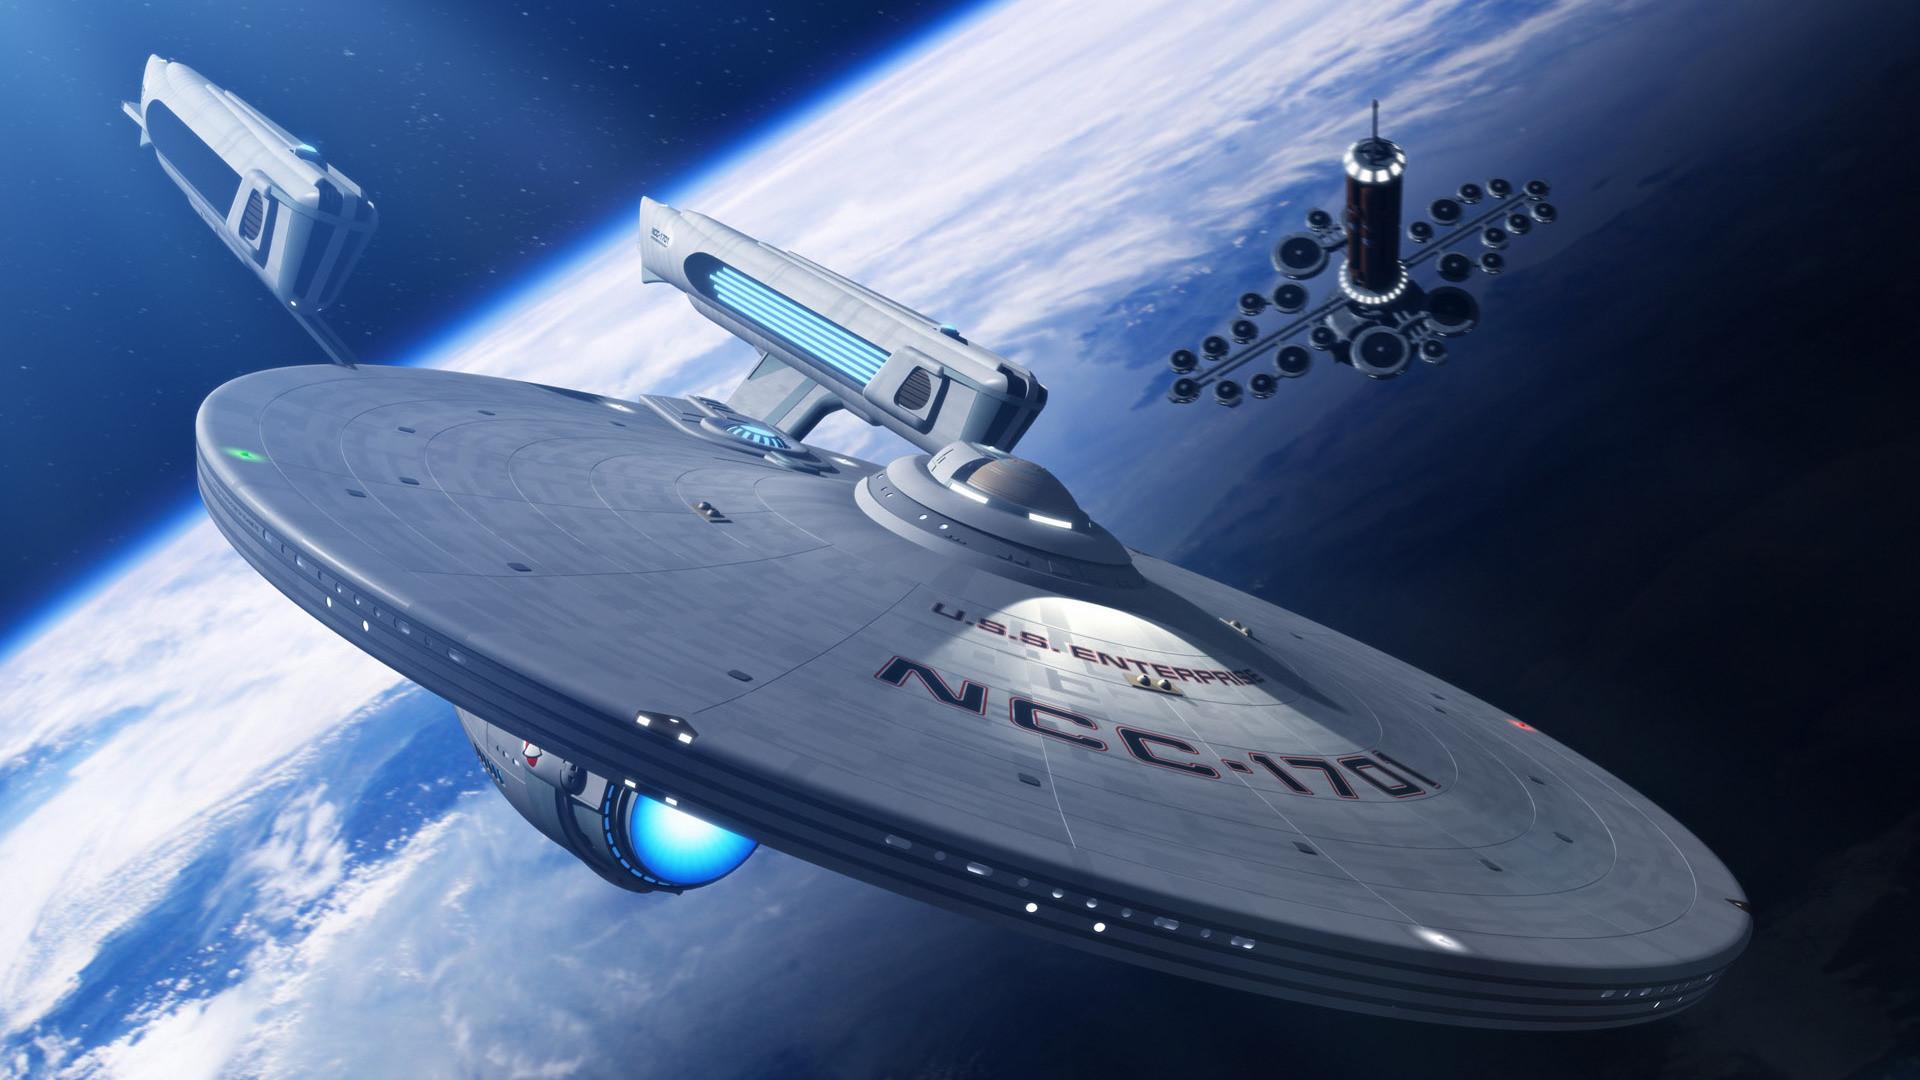 First Look at Tobias Richter's <b>Star Trek</b> Movie USS